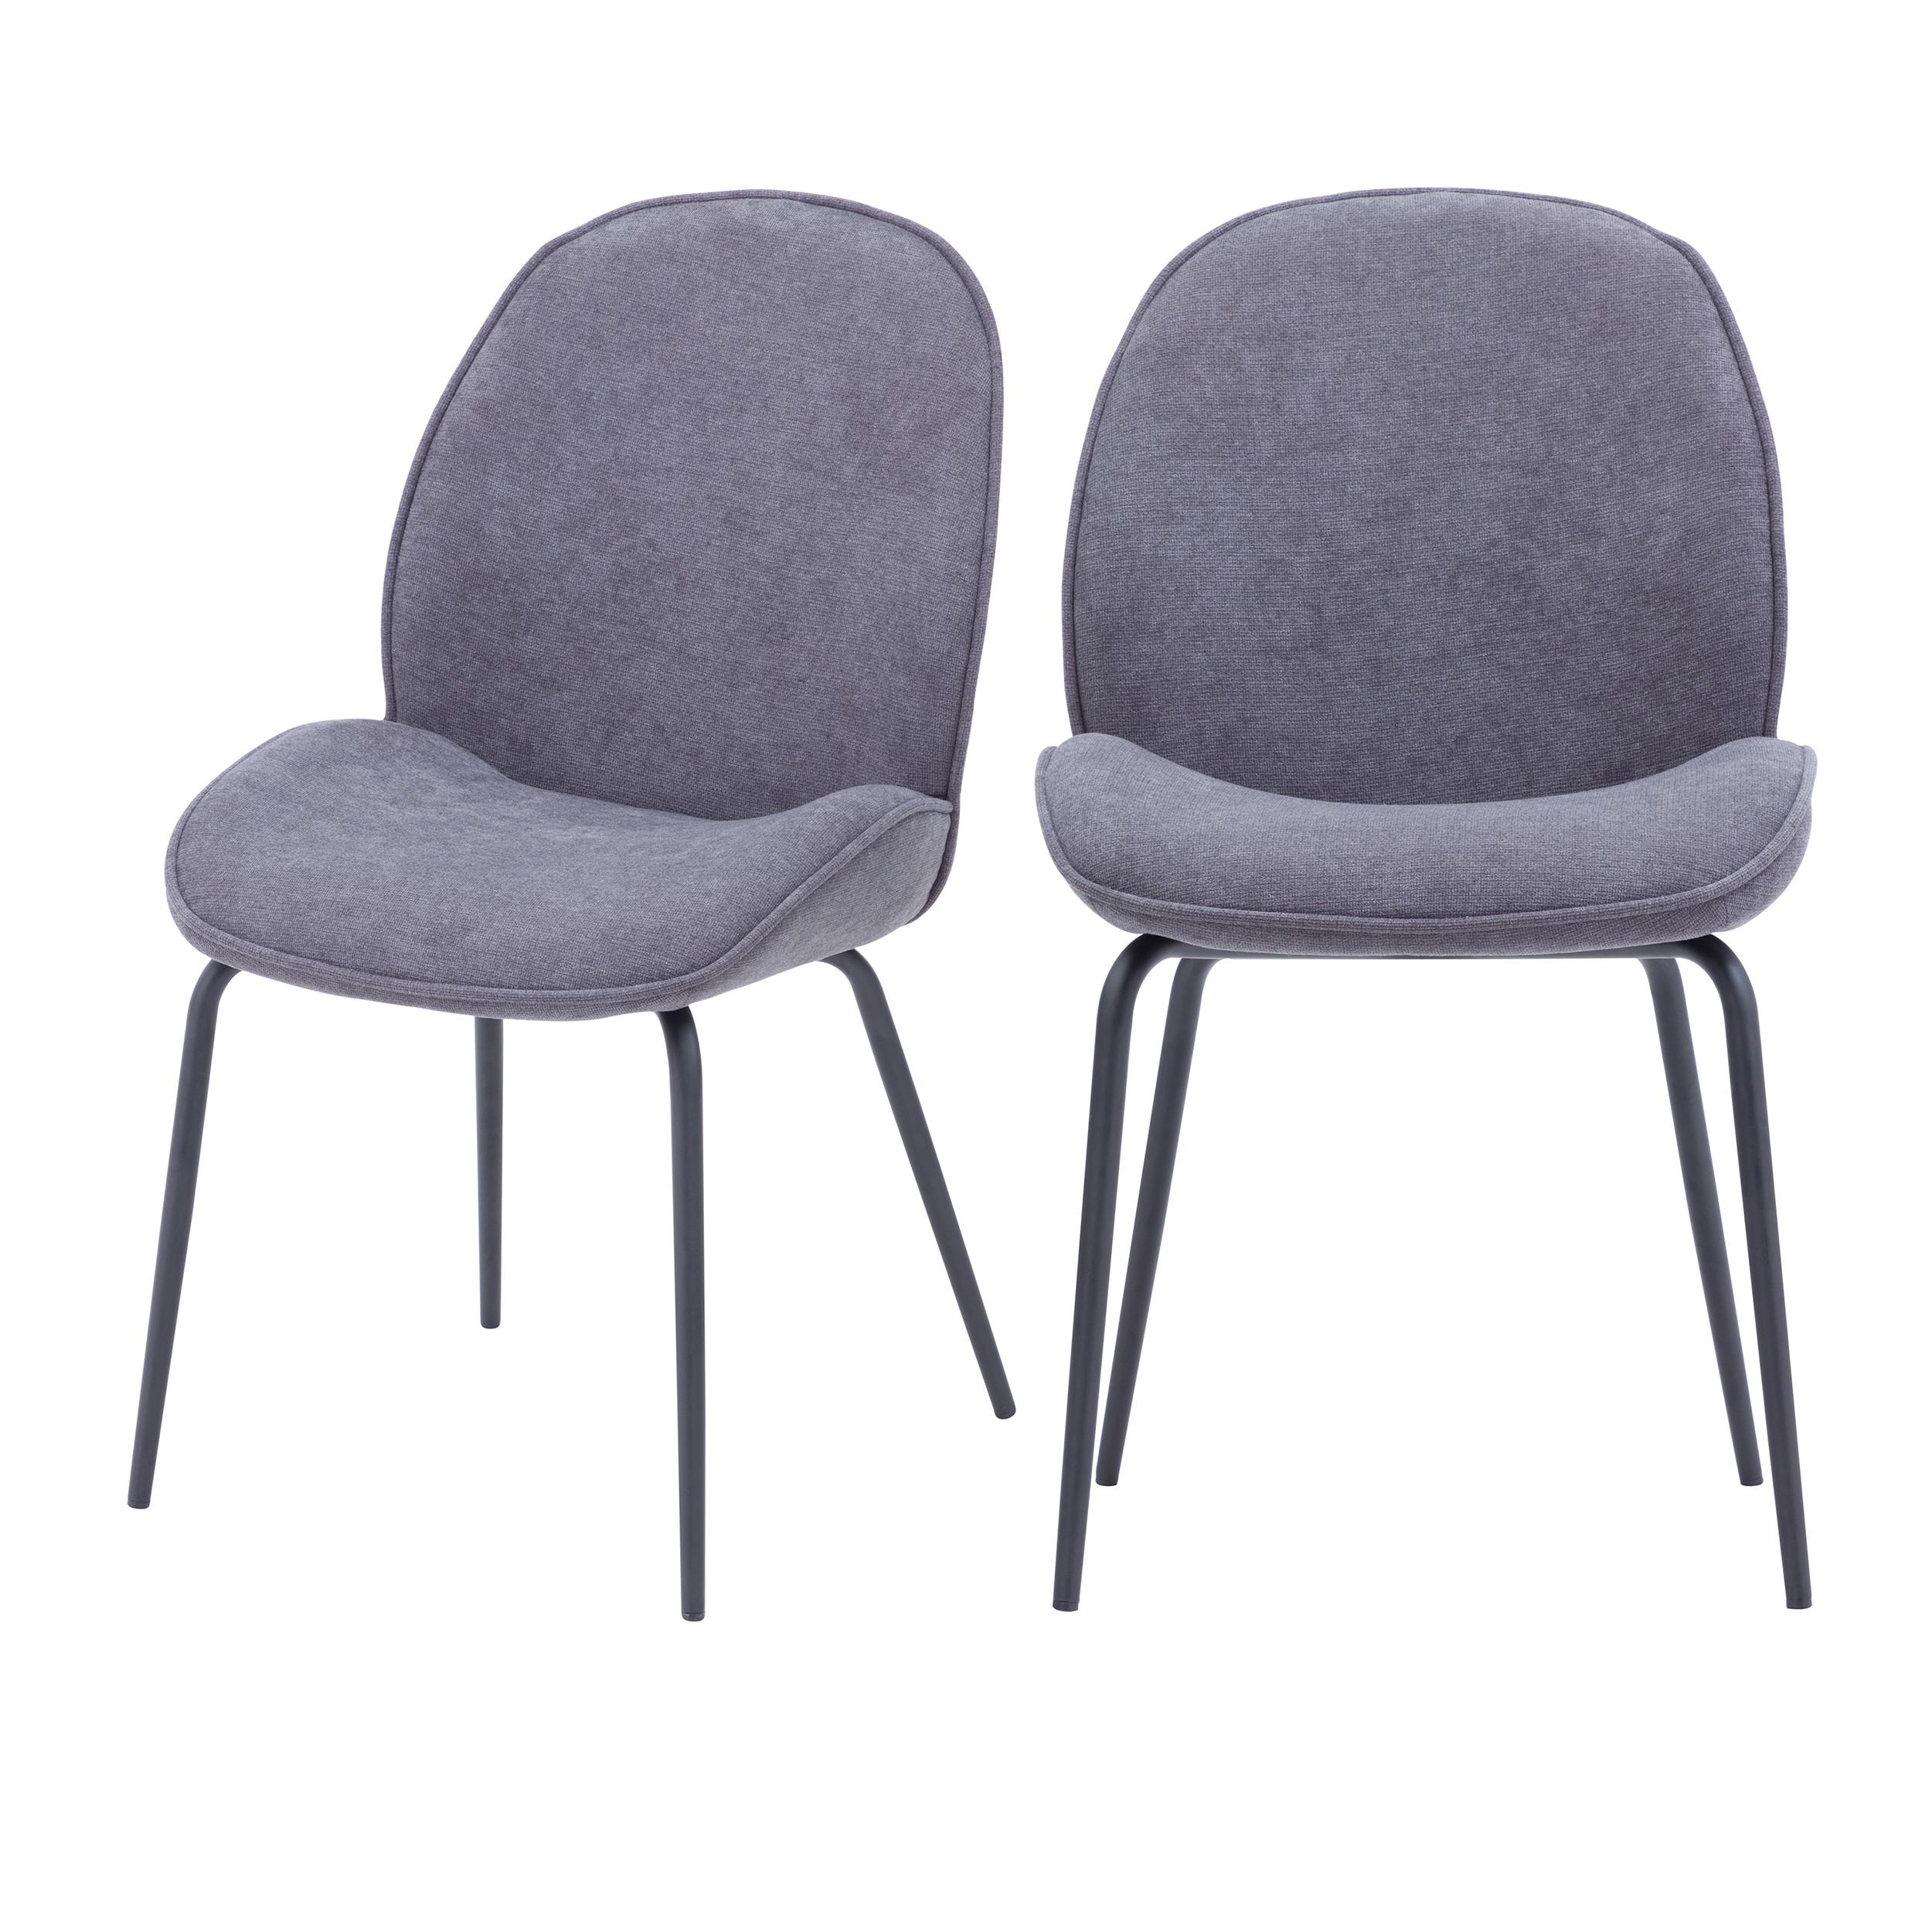 maison du monde Chaise en tissu gris clair (lot de 2)